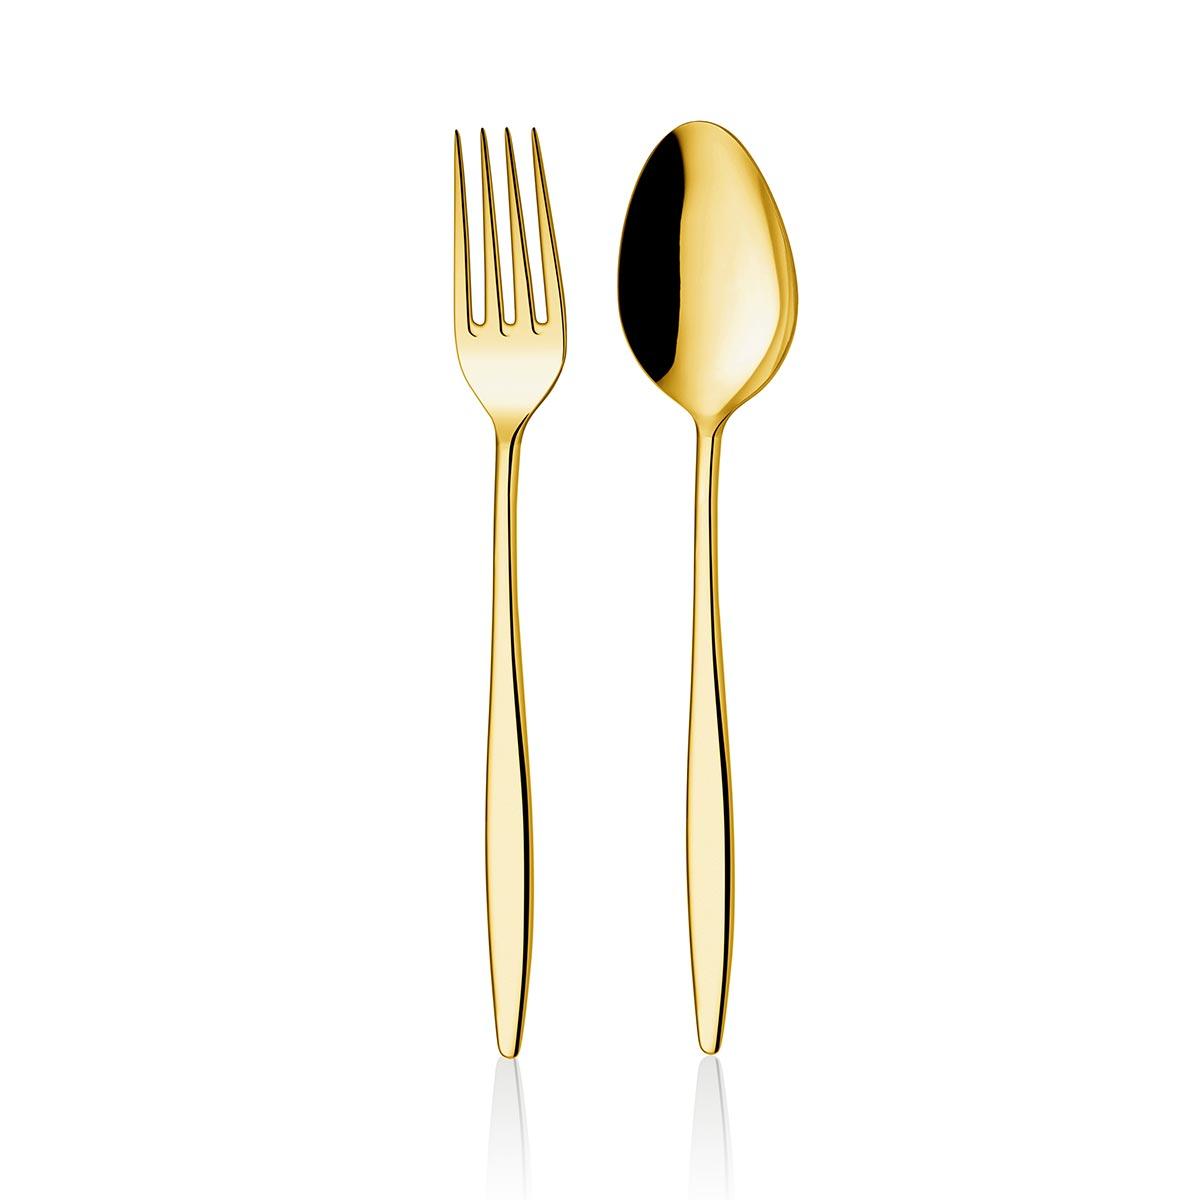 ONON Assos Altın Titanyum 60 Parça Çatal Kaşık Takımı 1